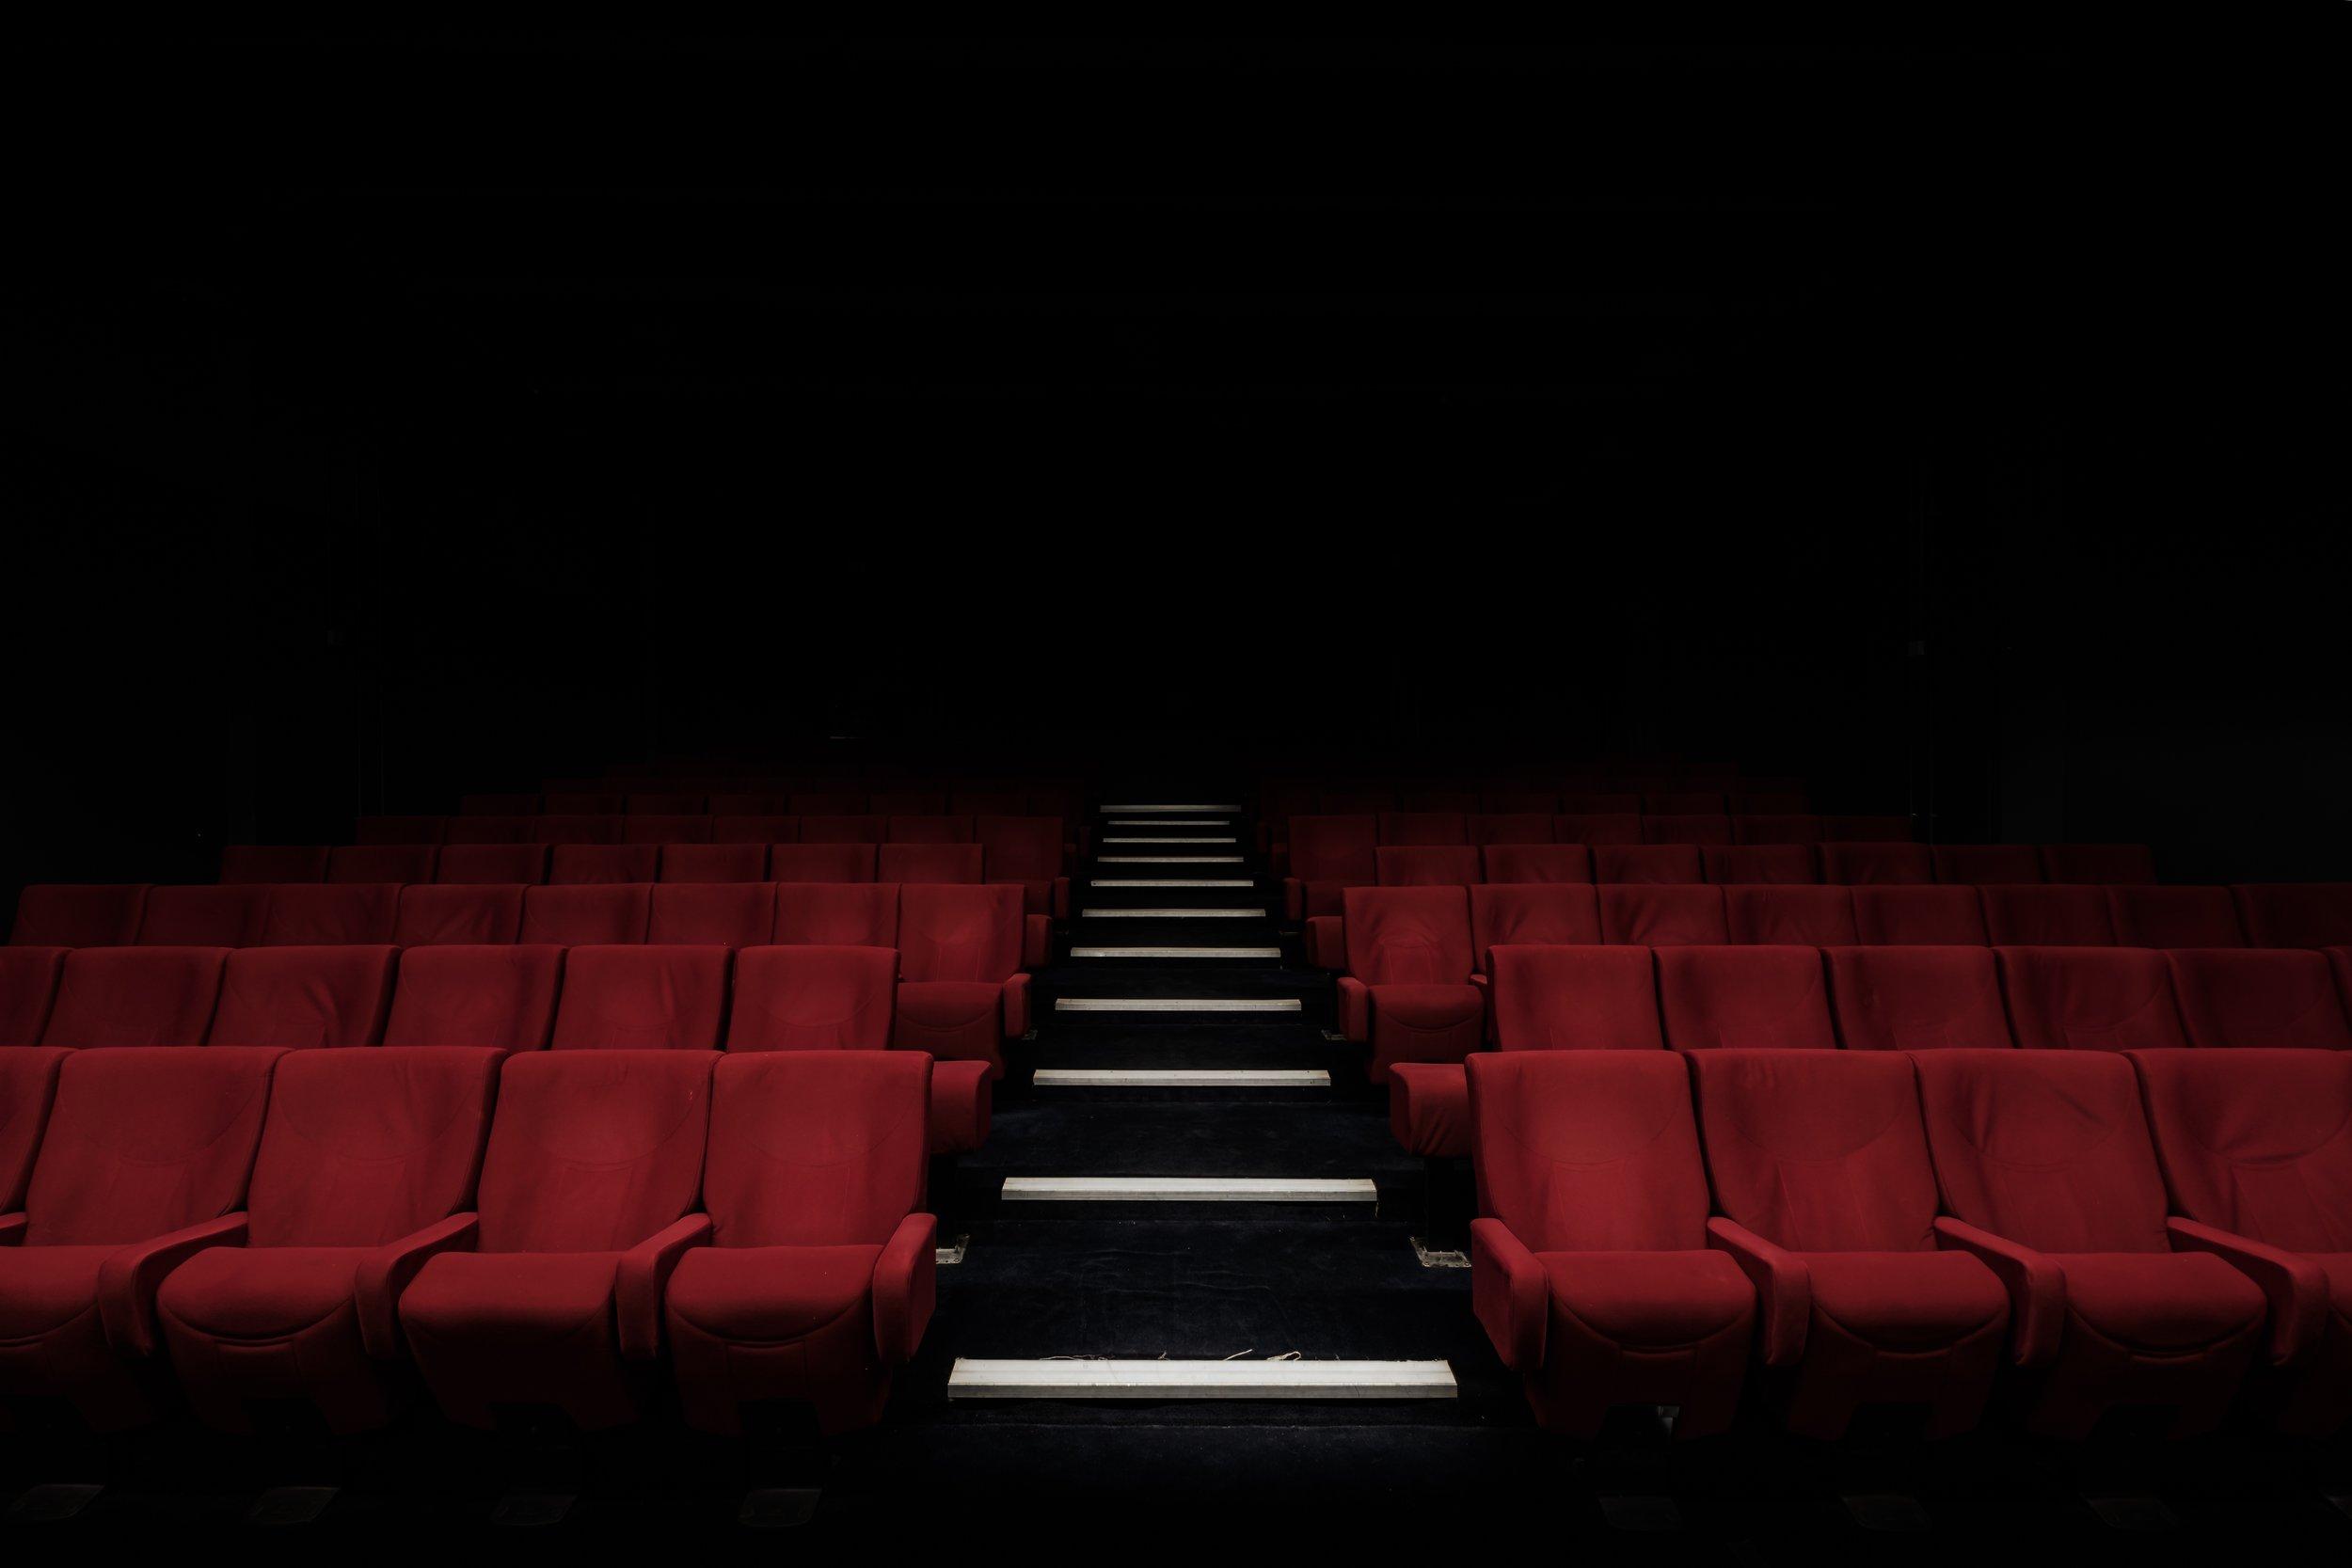 auditorium-2584269.jpg